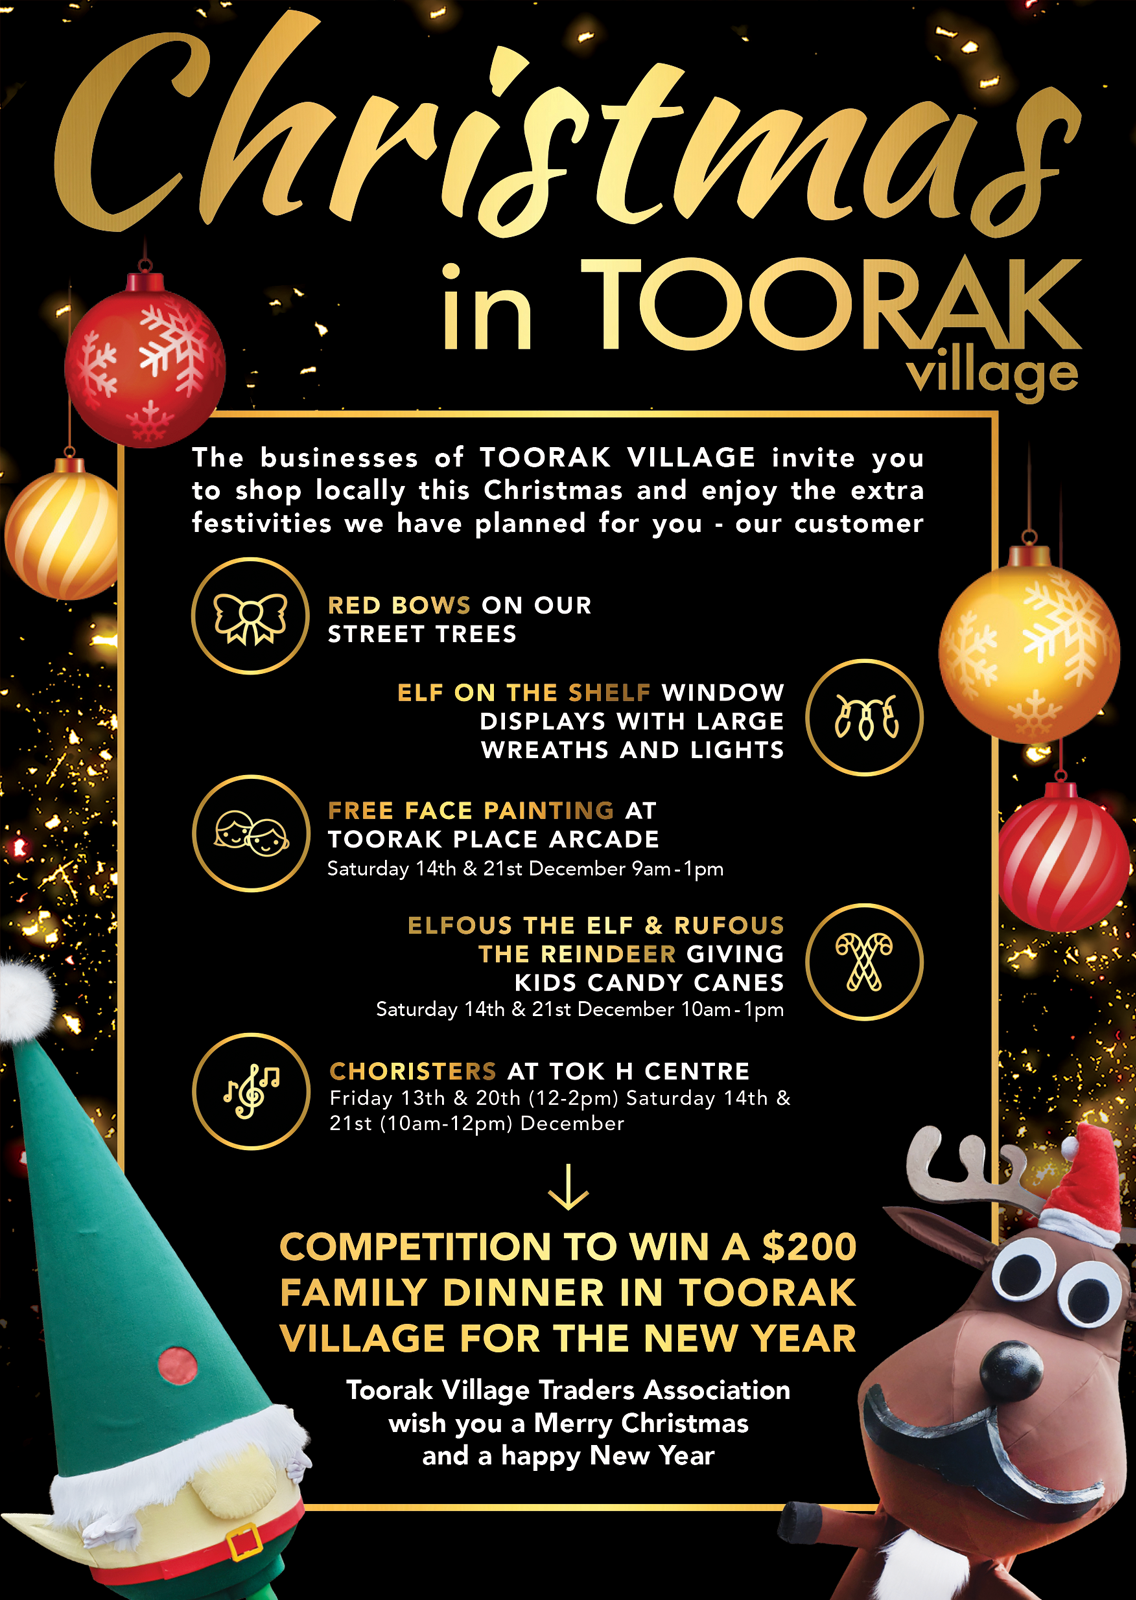 Christmas in Toorak Village